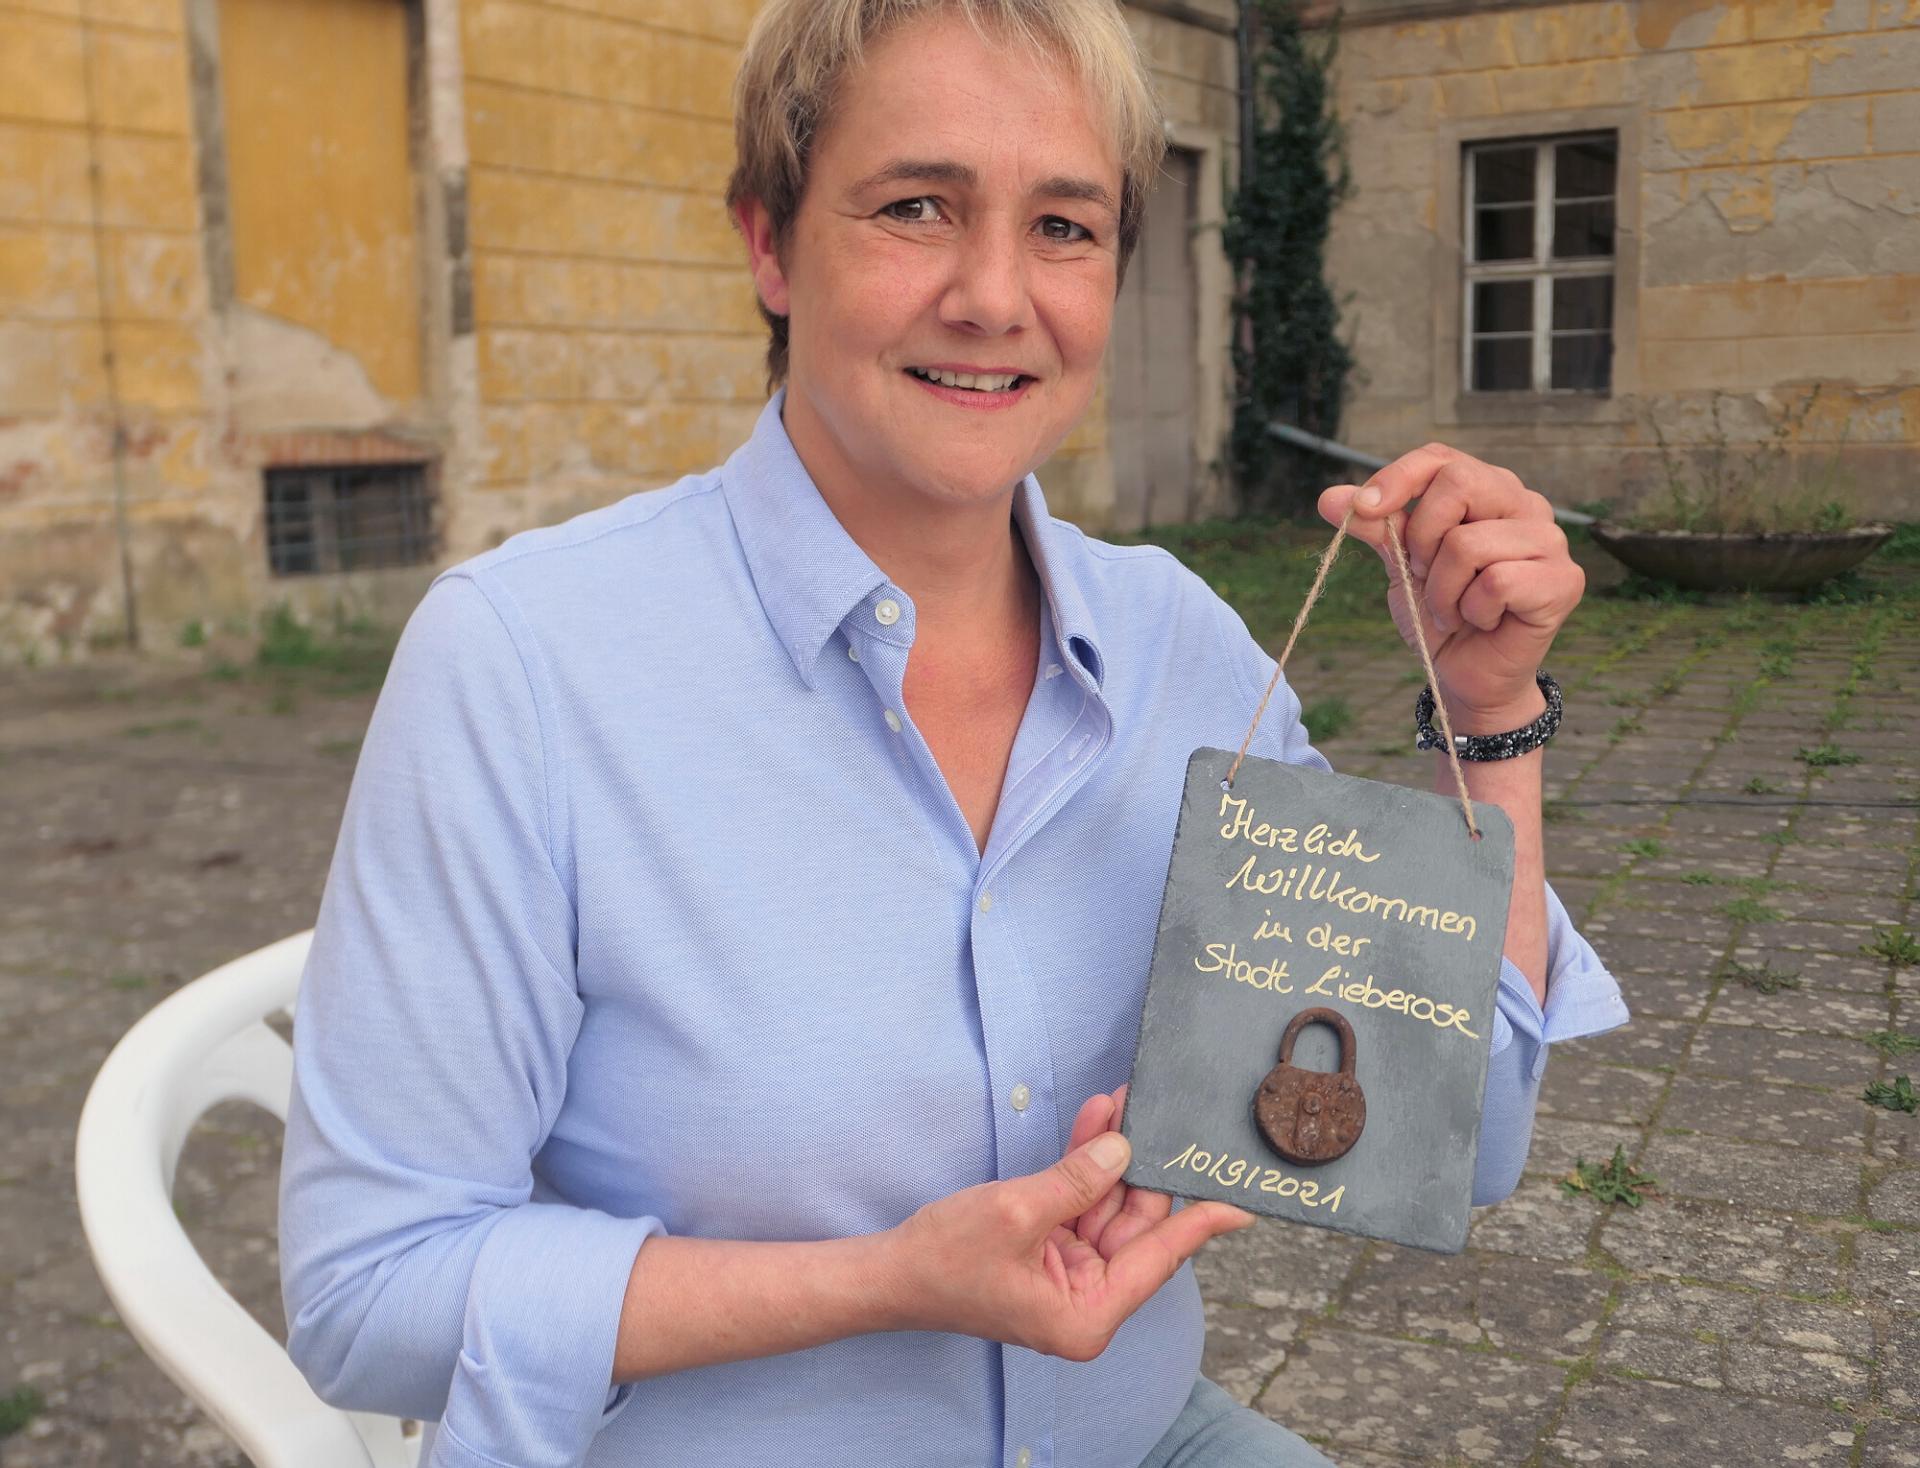 Lieberoses Bürgermeisterin Petra Dreißig mit ihrem Begrüßungsgeschenk für den Käufer des Schlosses. Foto: Ingrid Hoberg